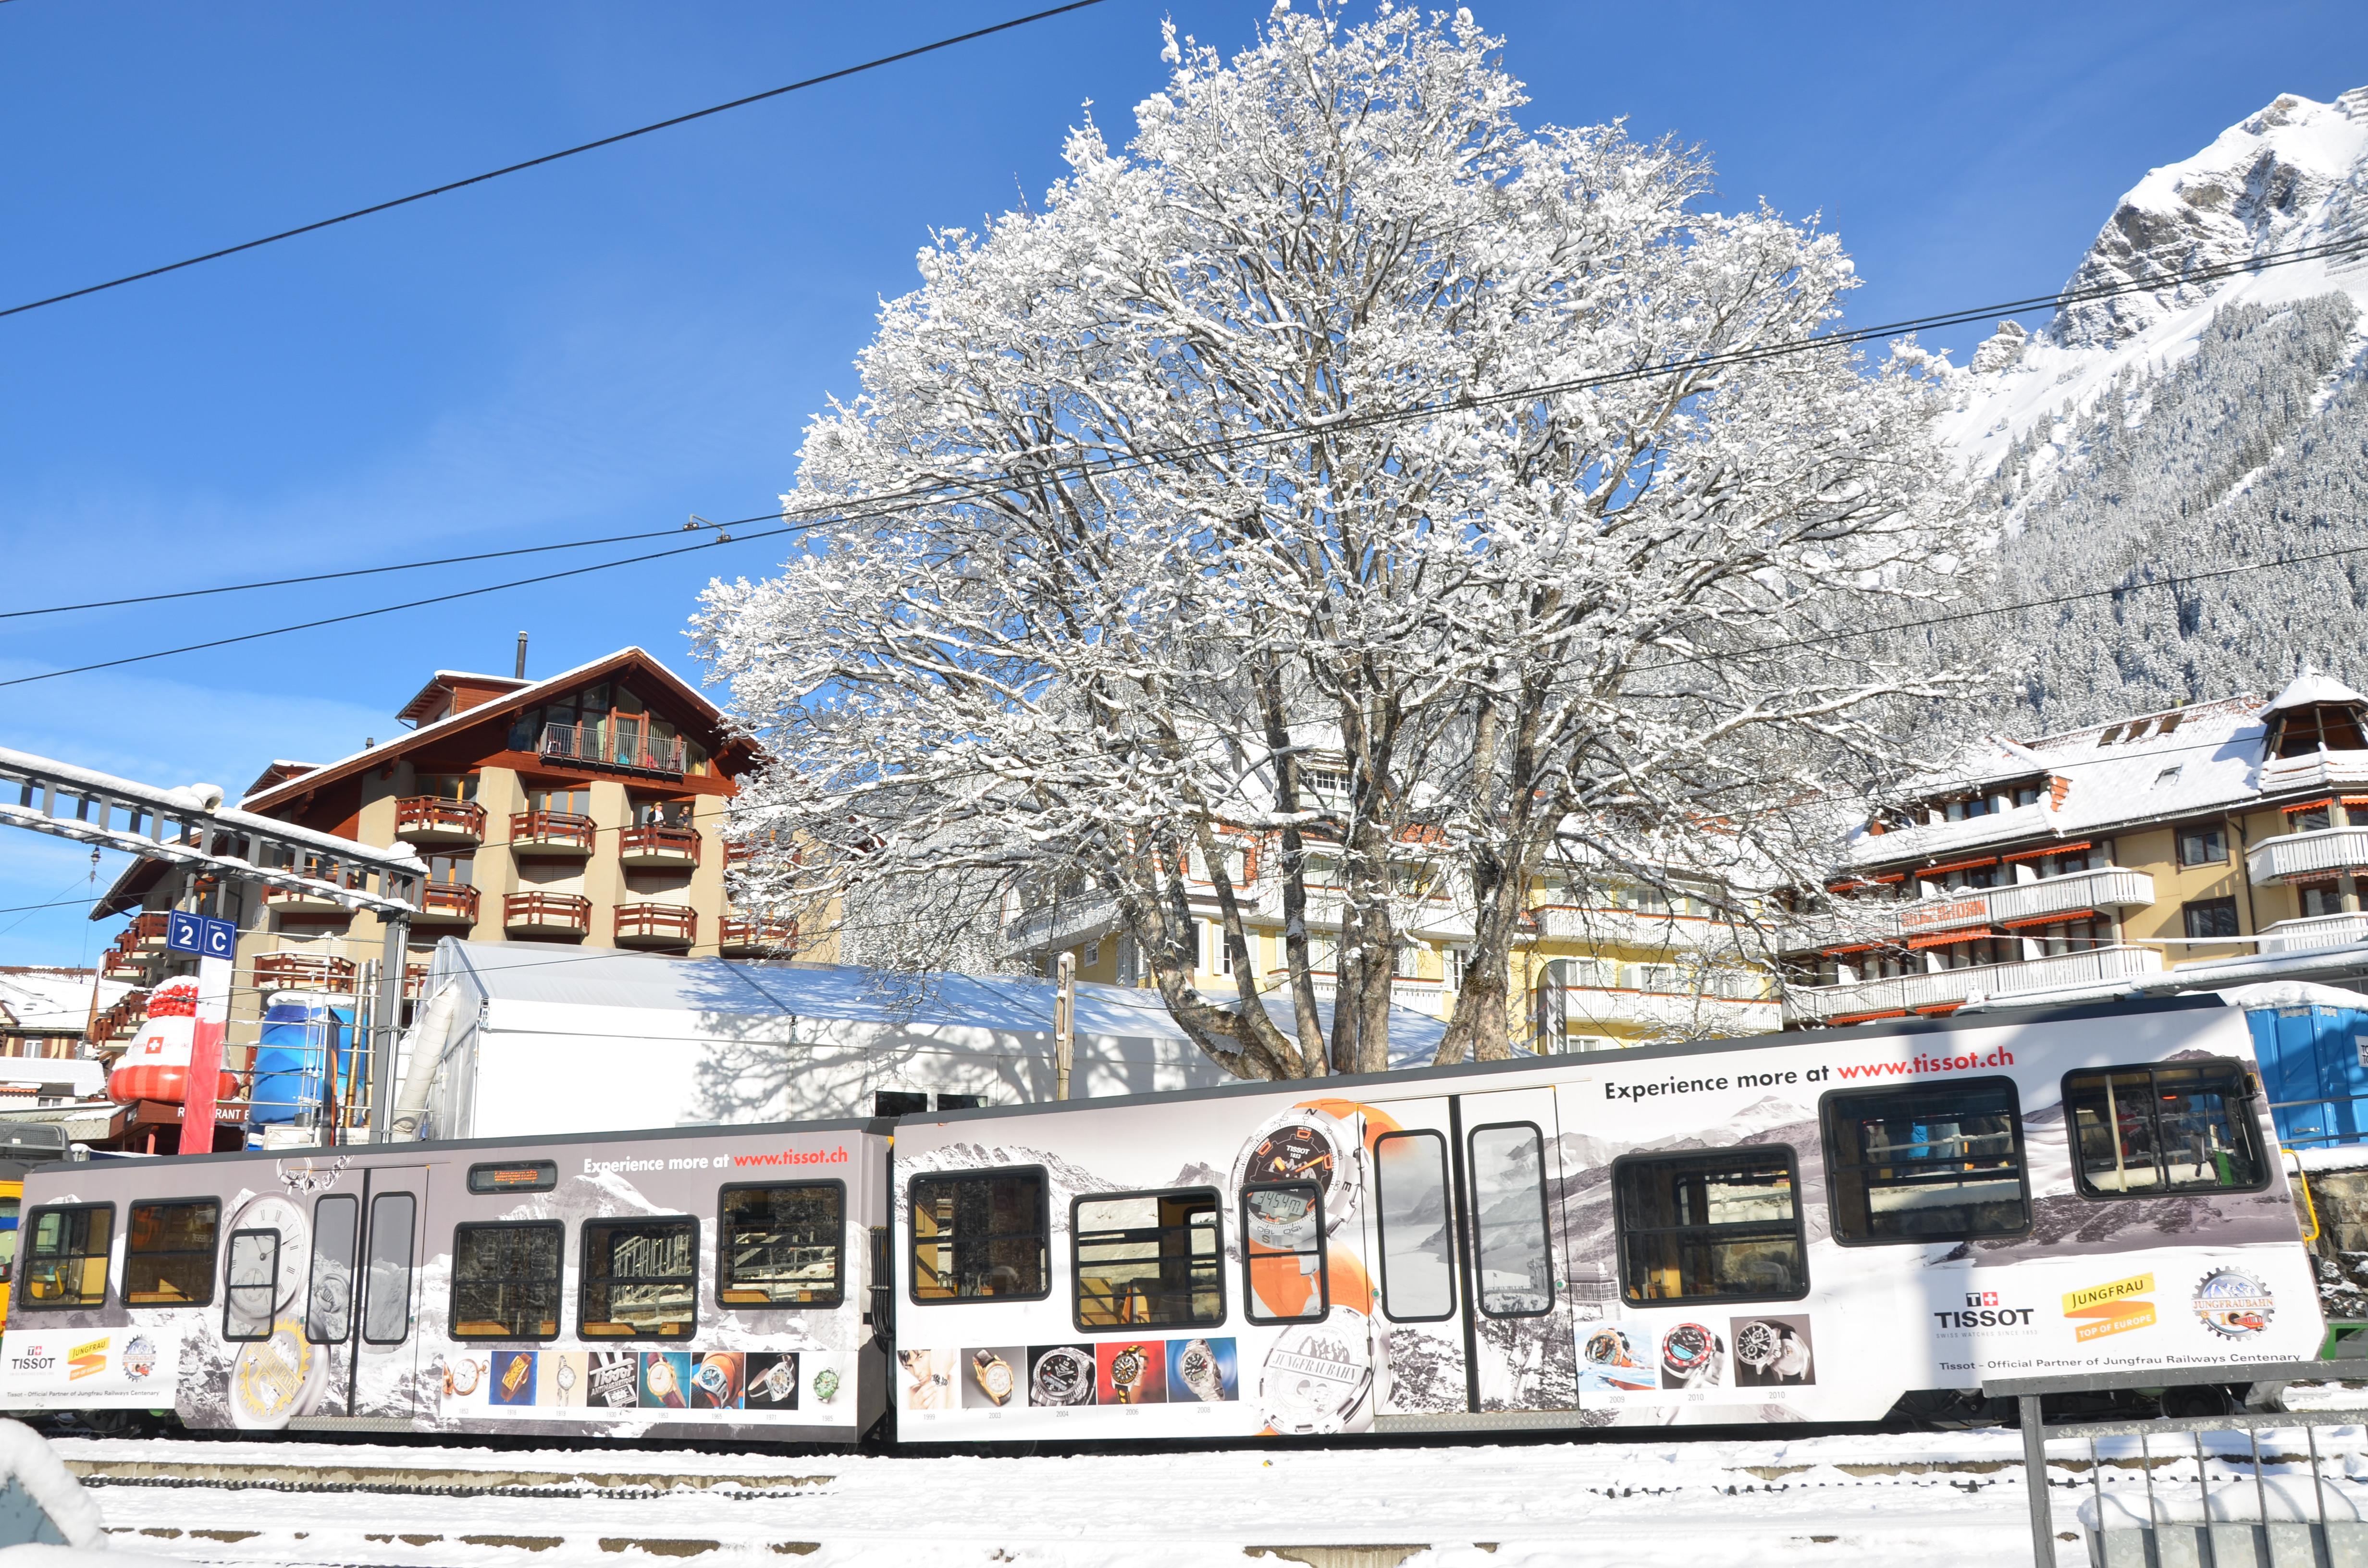 Ferienwohnung Eiger Residence 6 Bett Wohnung (2712549), Wengen, Jungfrauregion, Berner Oberland, Schweiz, Bild 10